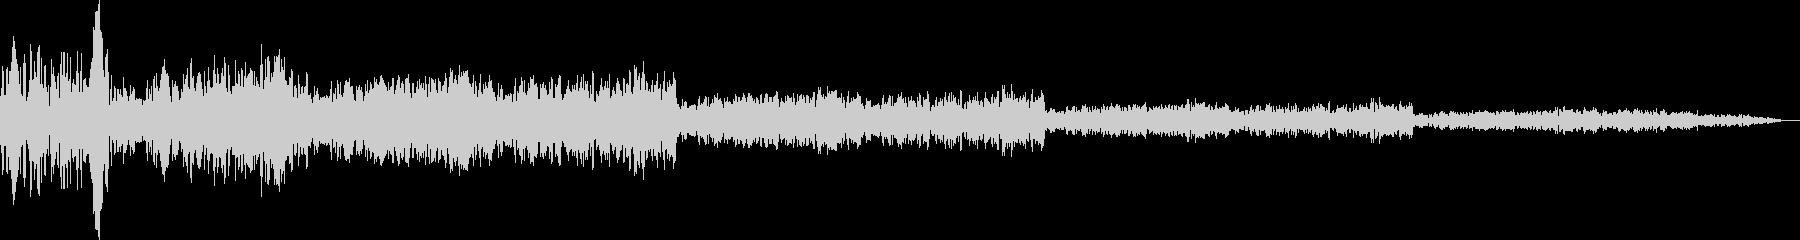 エアフィルタースイープ共振遅延フェード1の未再生の波形